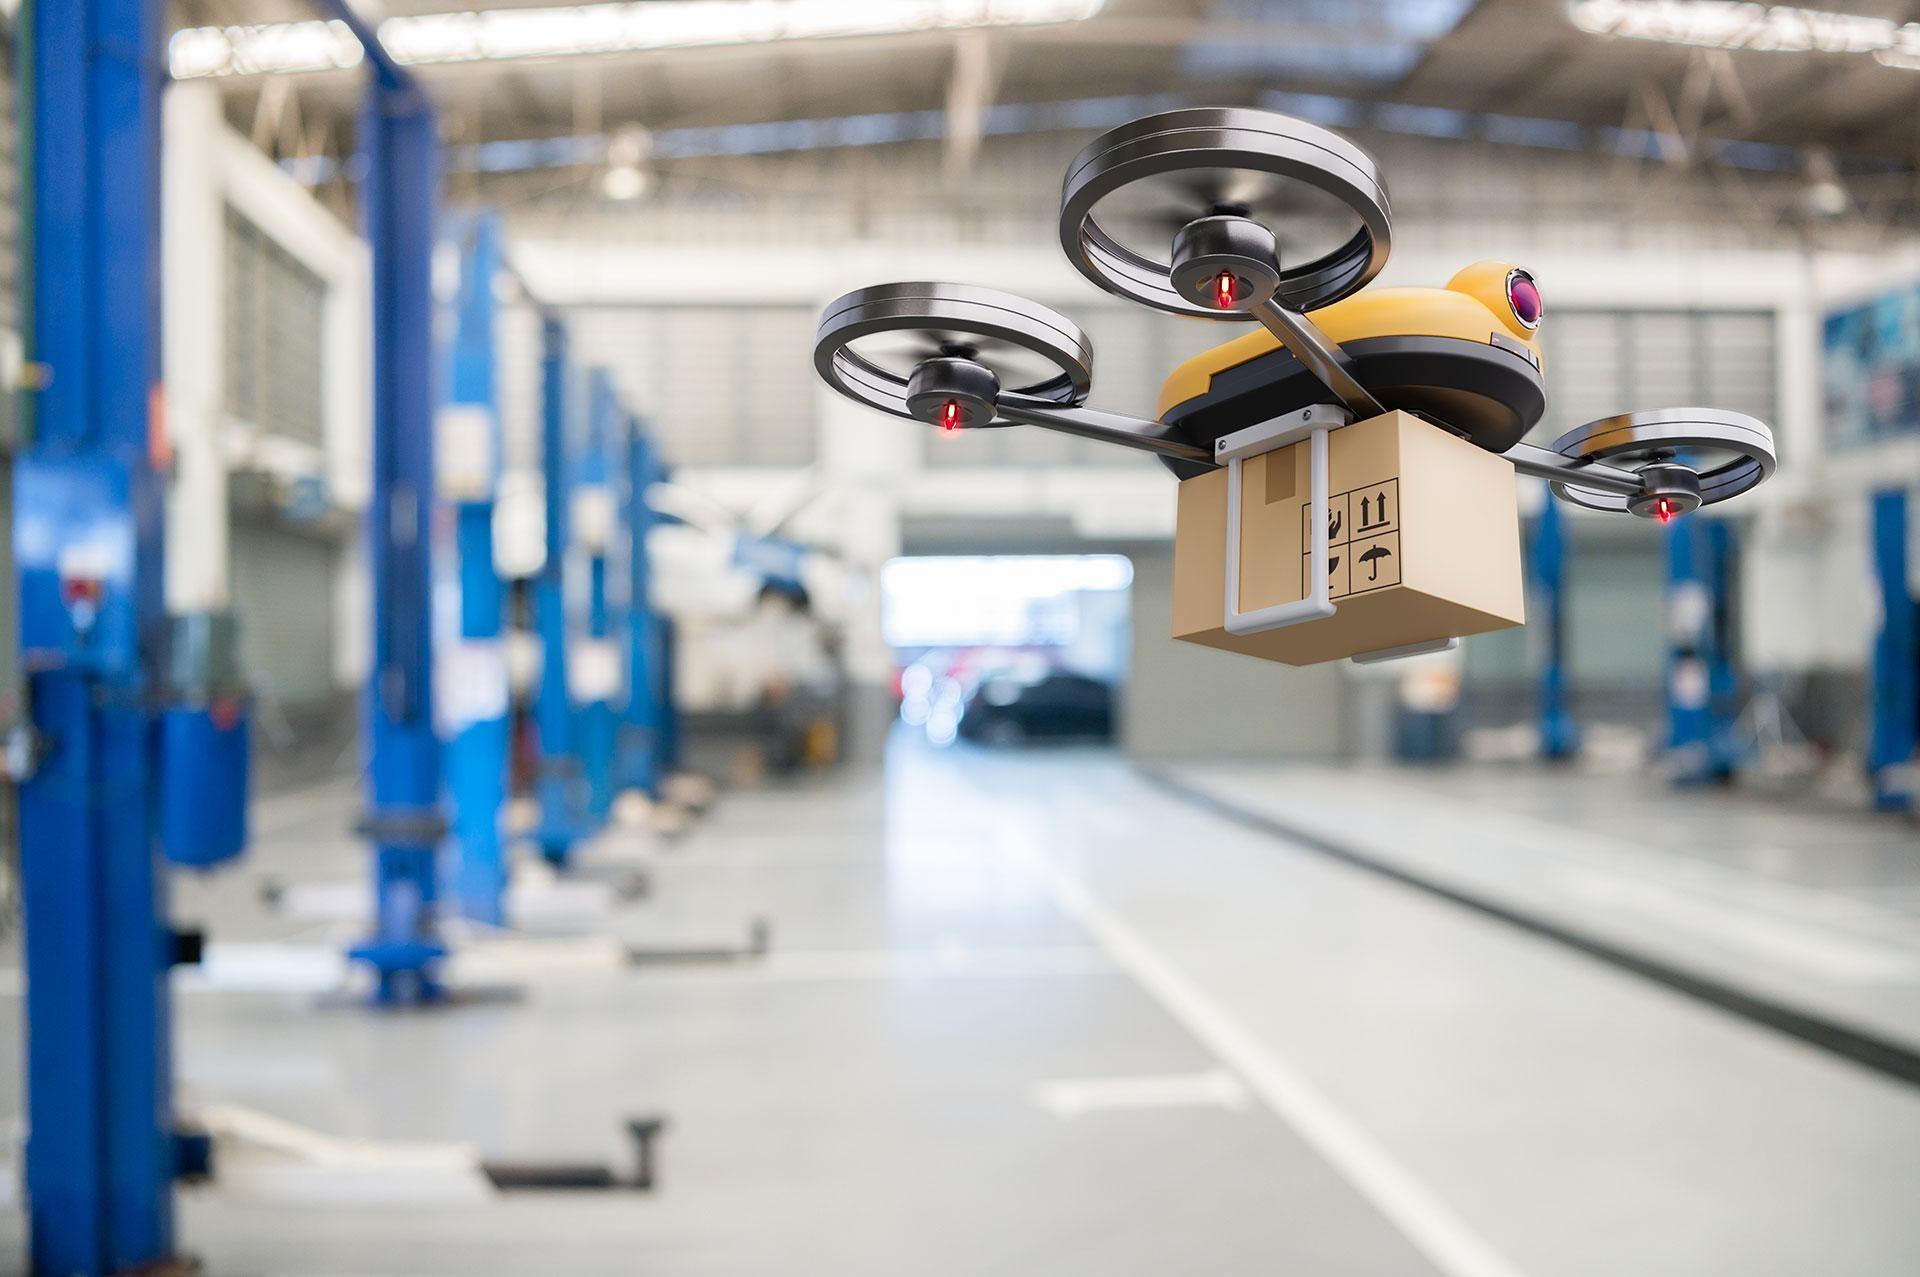 ロボット Insight 製造業でも活用が進むドローンの最新動向